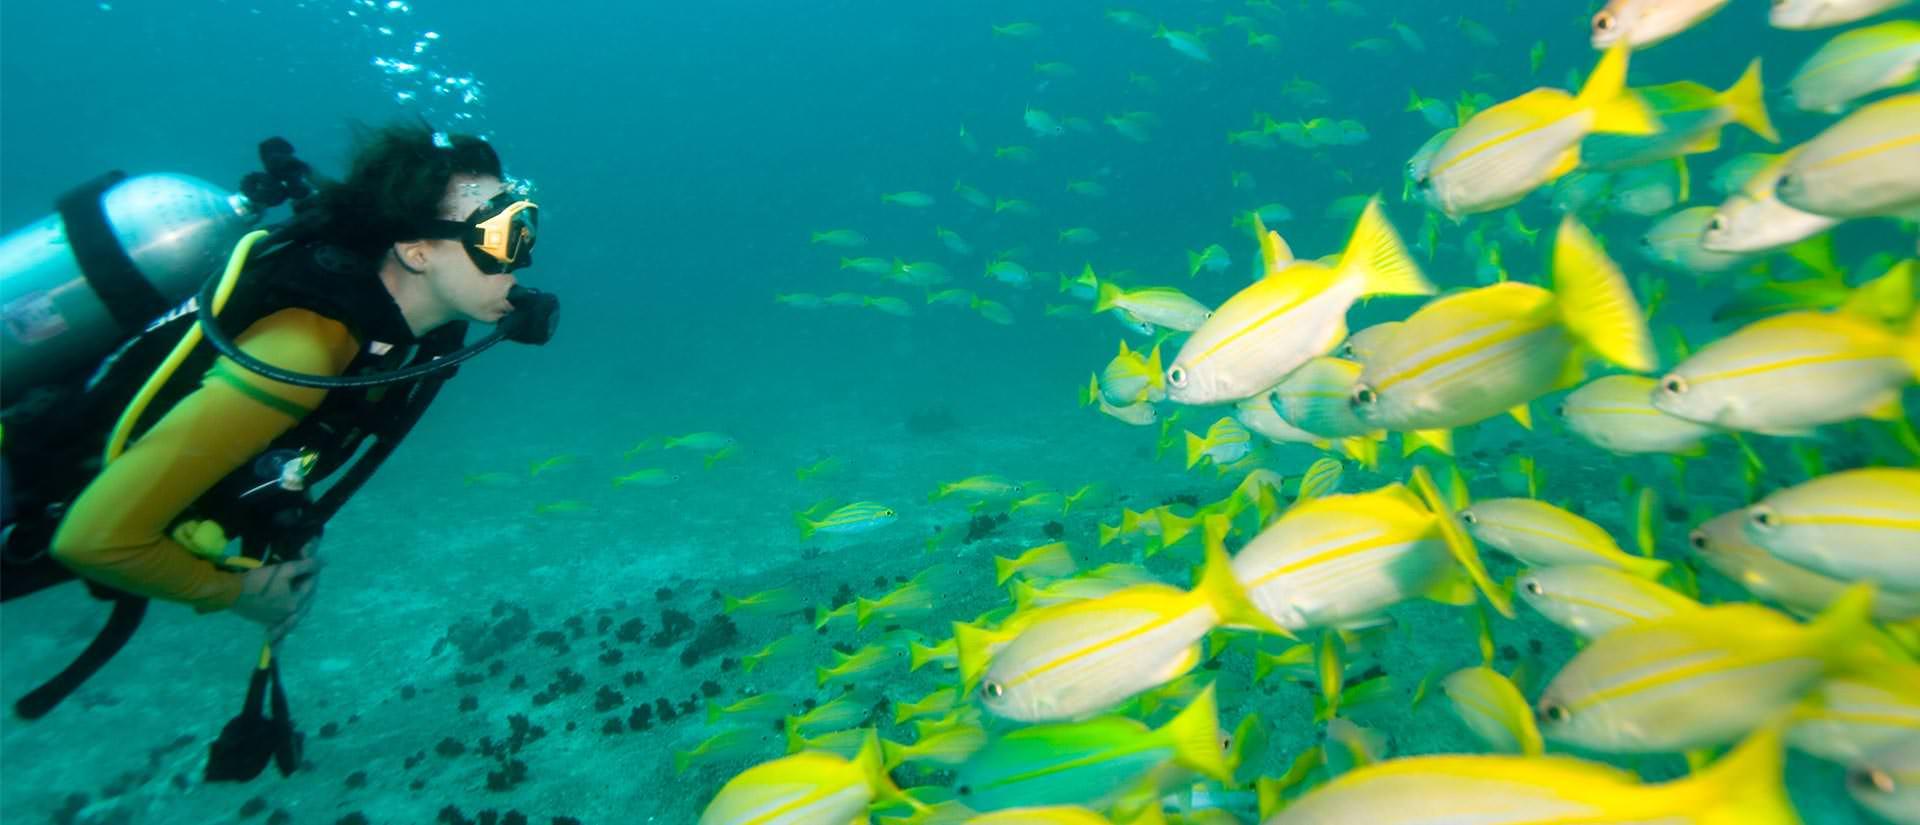 ספארי צלילה באיי סיישל - 8 ימים - הפלגת צלילה וטבע בסיישל